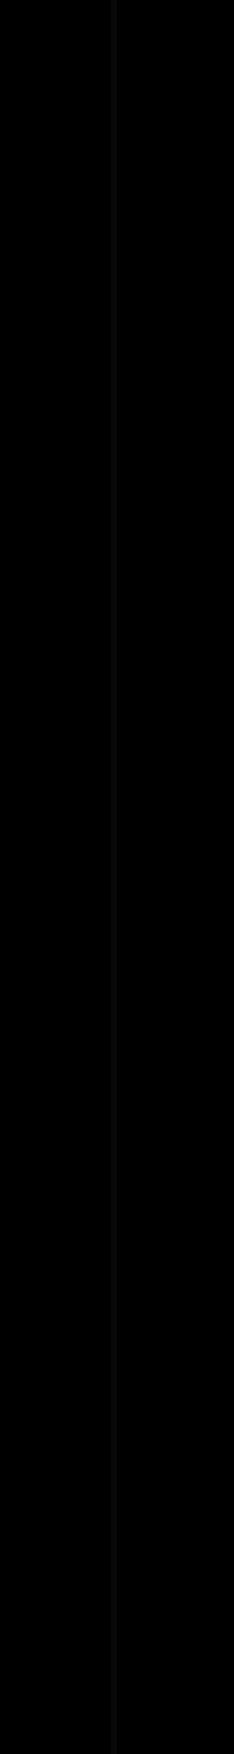 riga-verticale